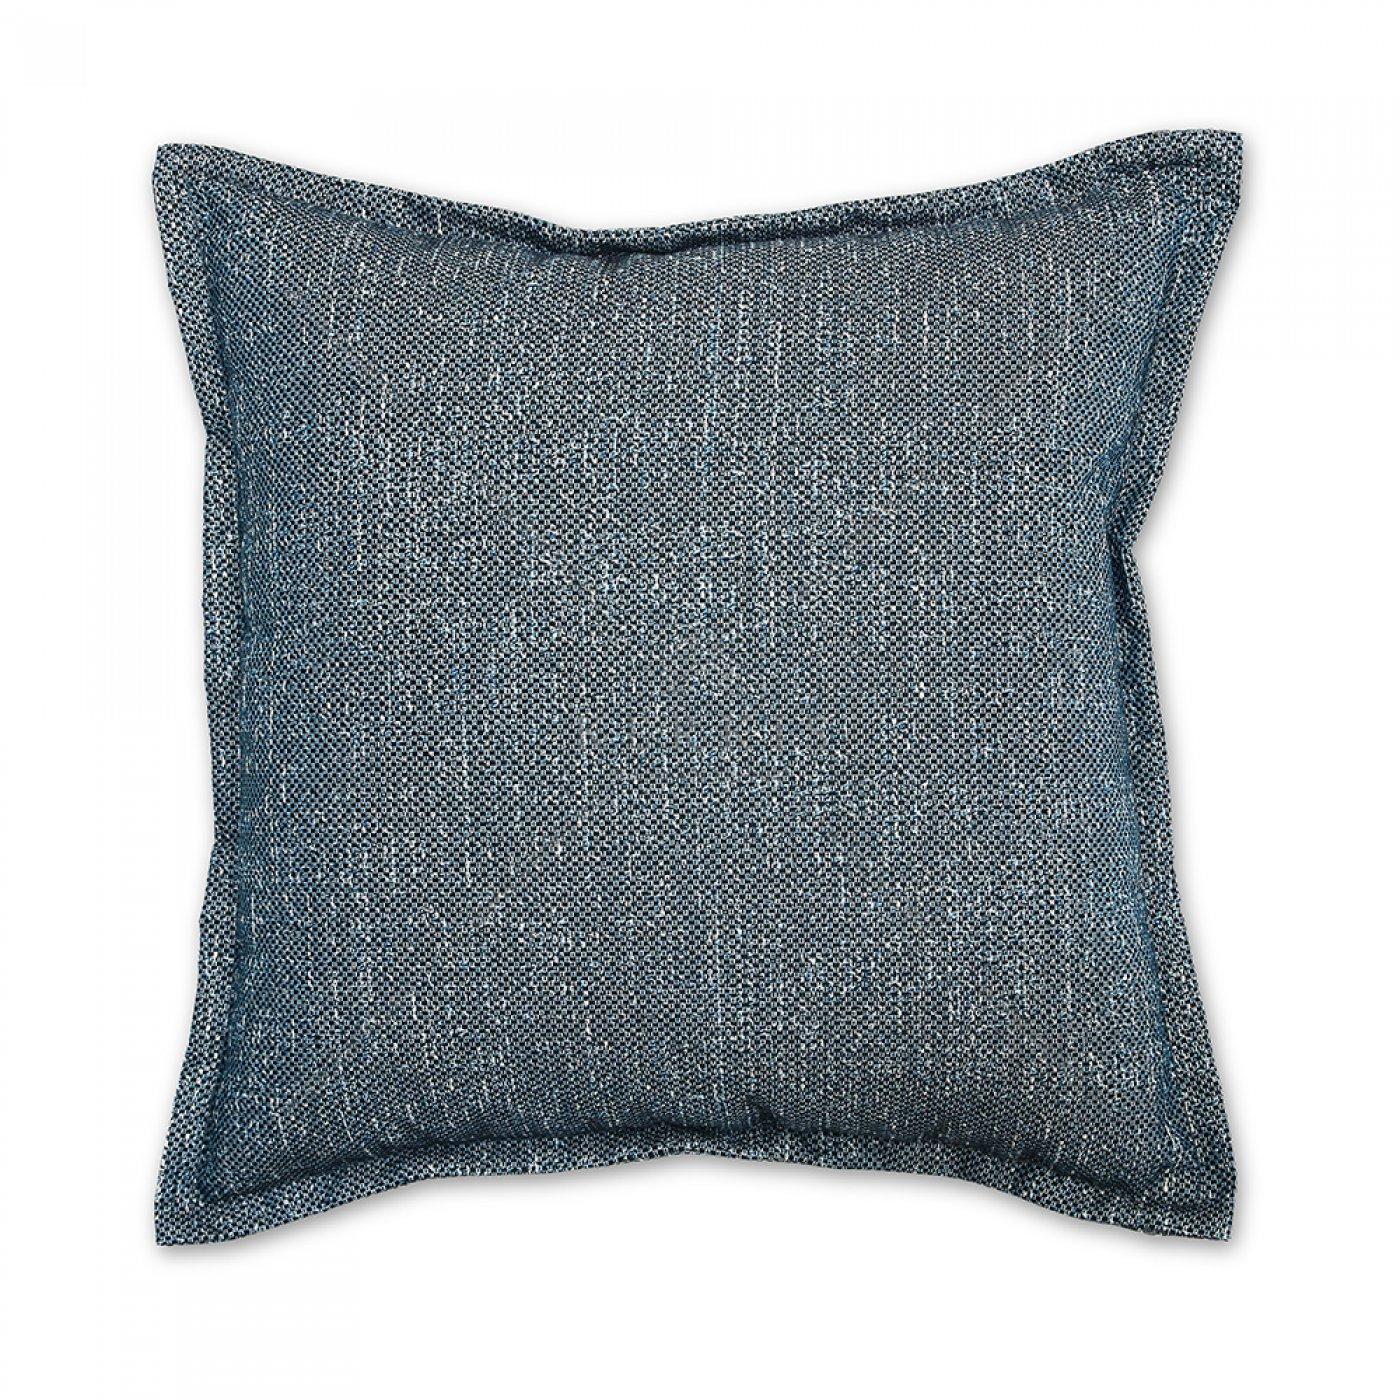 Μαξιλάρι διακοσμητικό μπλε